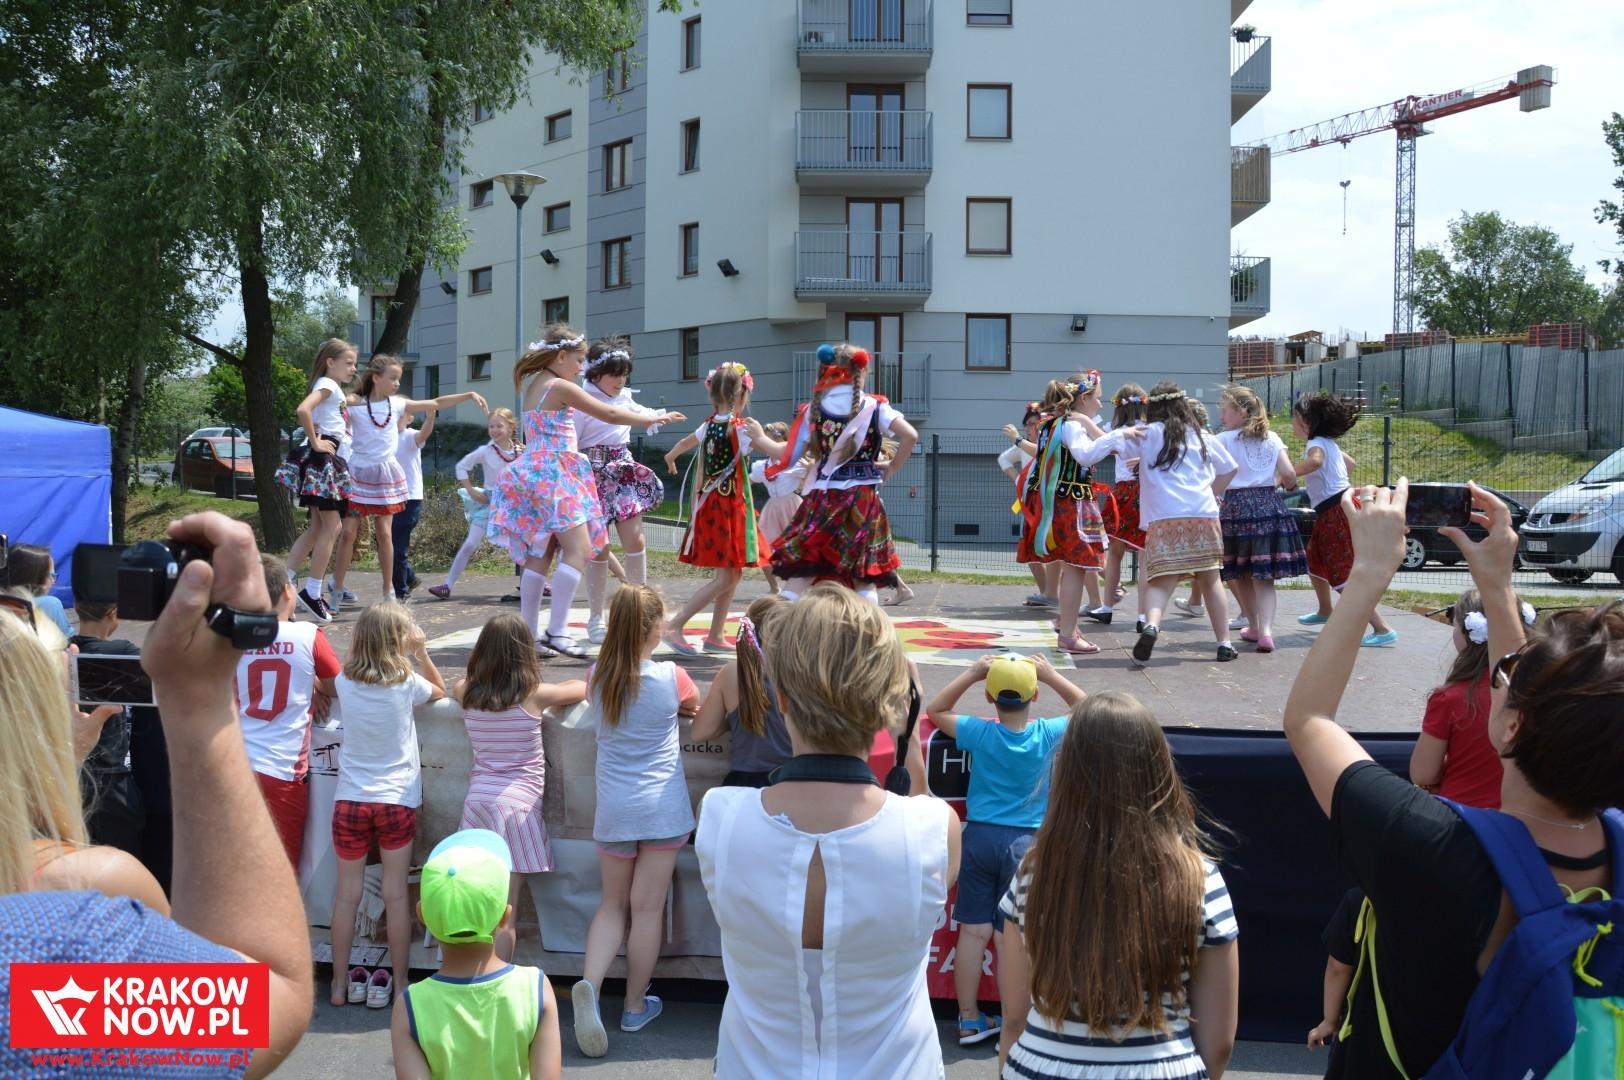 25 lat osiedla rzaka krakow festyn rodzinny 66 150x150 - 25 lat Osiedla Rżąka - galeria zdjęć z festynu